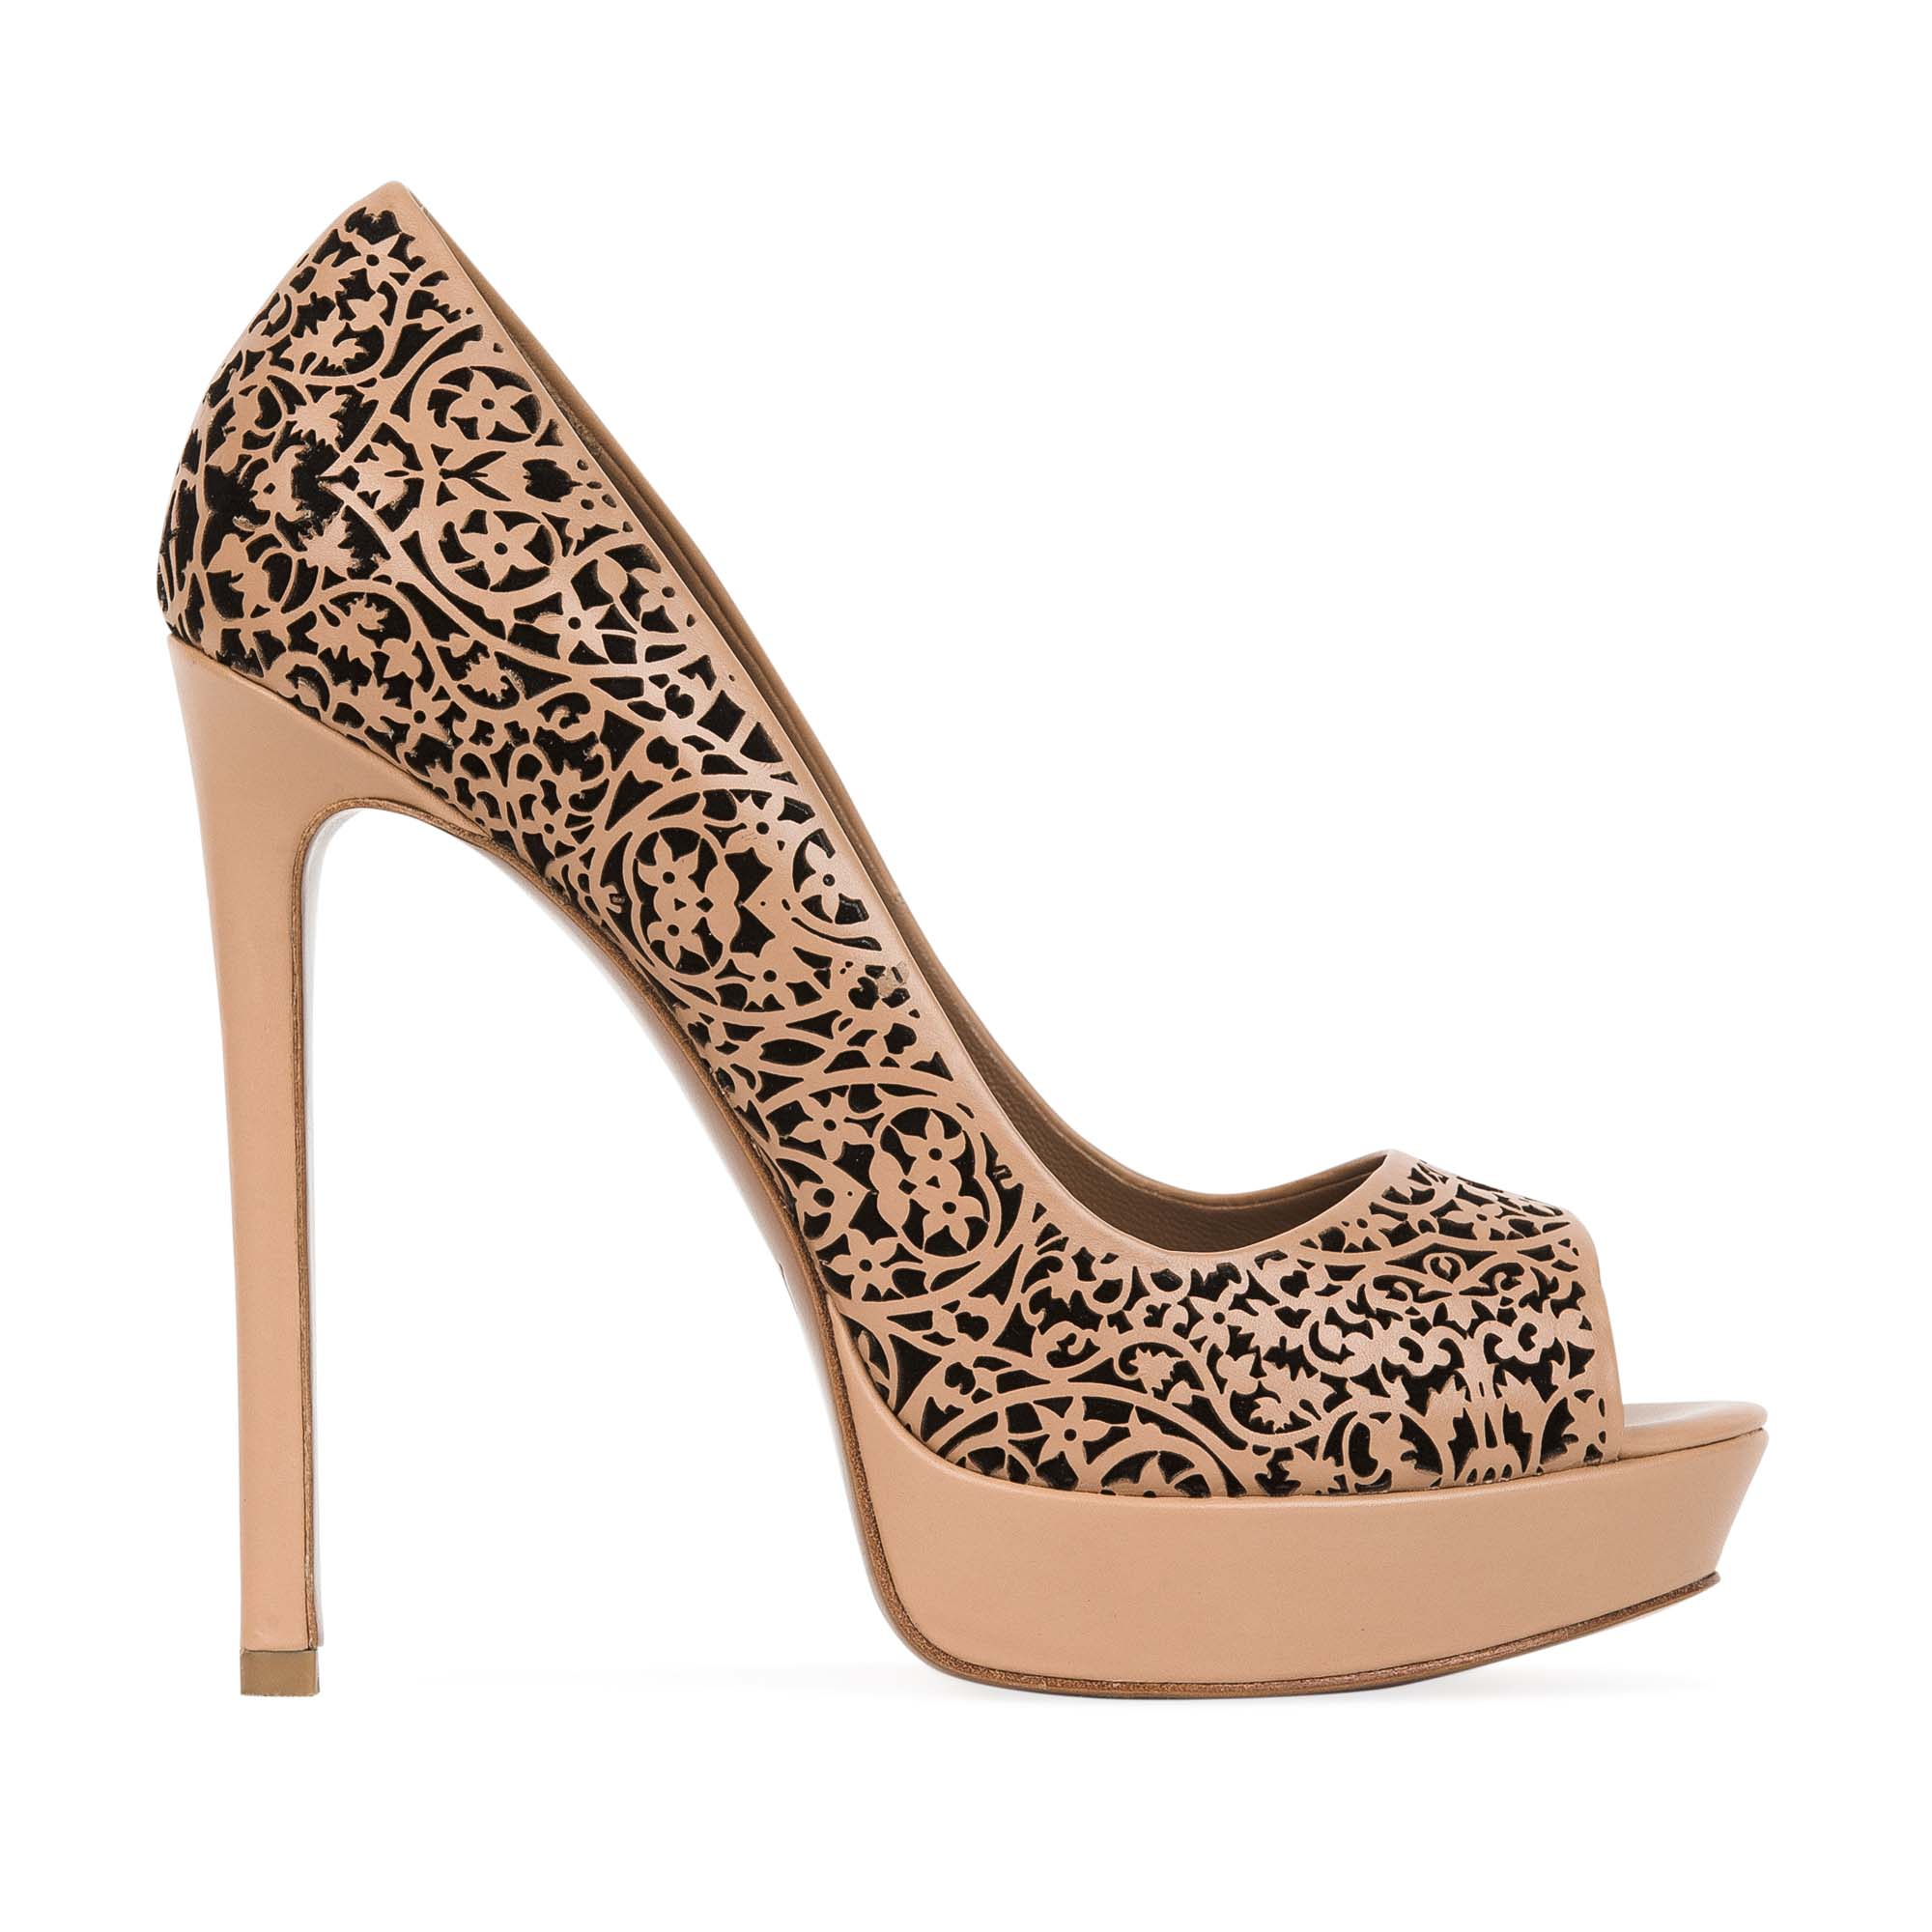 Кожаные туфли на высоком каблуке с цветочным орнаментомТуфли женские<br><br>Материал верха: Кожа+Замша<br>Материал подкладки: Кожа<br>Материал подошвы: Кожа<br>Цвет: Бежевый<br>Высота каблука: 13 см<br>Дизайн: Италия<br>Страна производства: Китай<br><br>Высота каблука: 13 см<br>Материал верха: Кожа<br>Материал подошвы: Кожа<br>Материал подкладки: Кожа<br>Цвет: Бежевый<br>Пол: Женский<br>Вес кг: 0.53000000<br>Размер обуви: 39